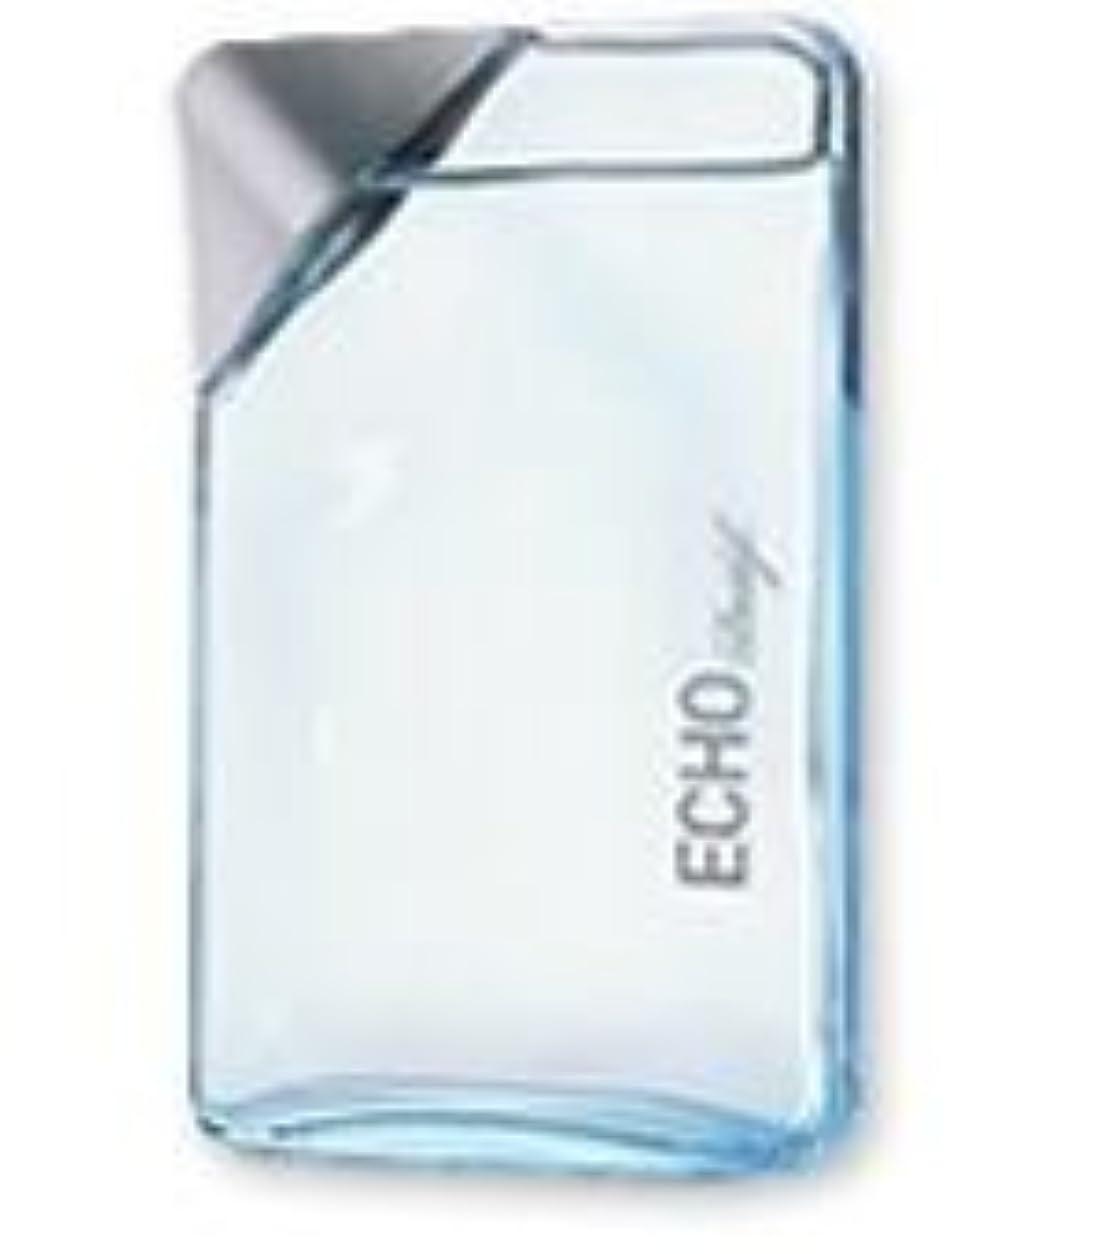 アライアンスベイビー教科書Echo (エコー) 0.34 oz EDT Mini(ミニチュア) by Davidoff for Men